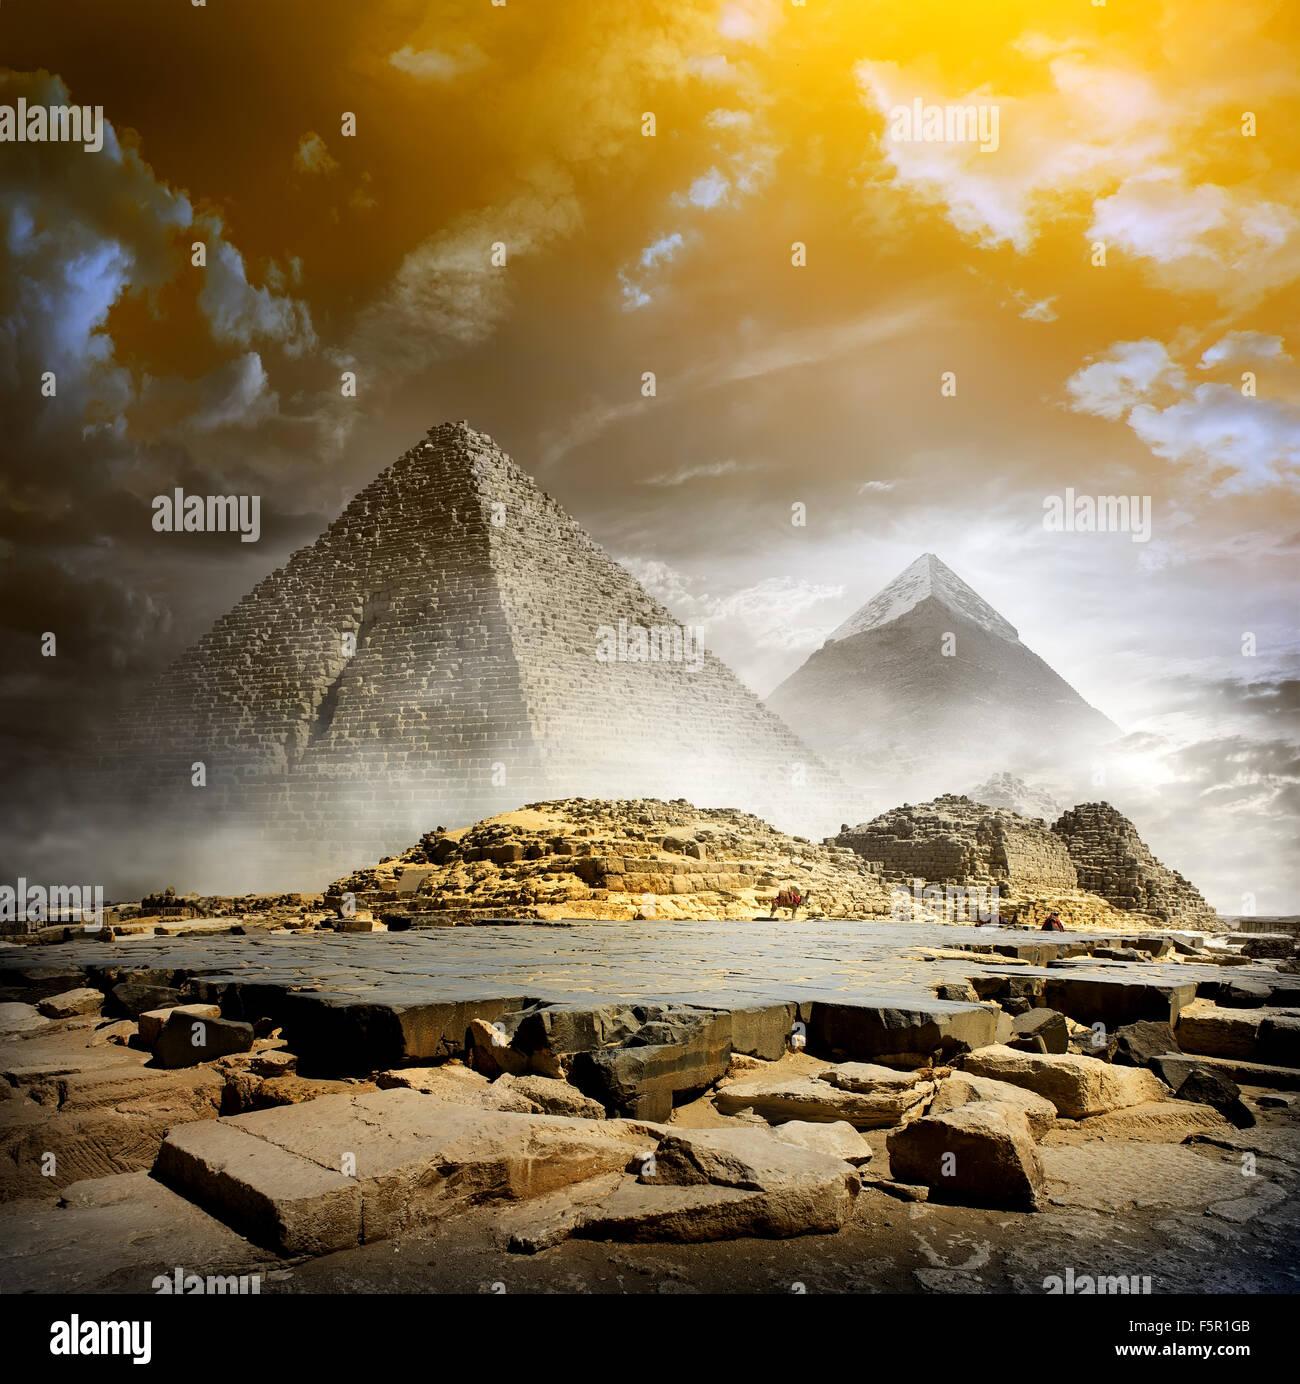 Les nuages de tempête et brouillard Orange plus de pyramides égyptiennes Photo Stock